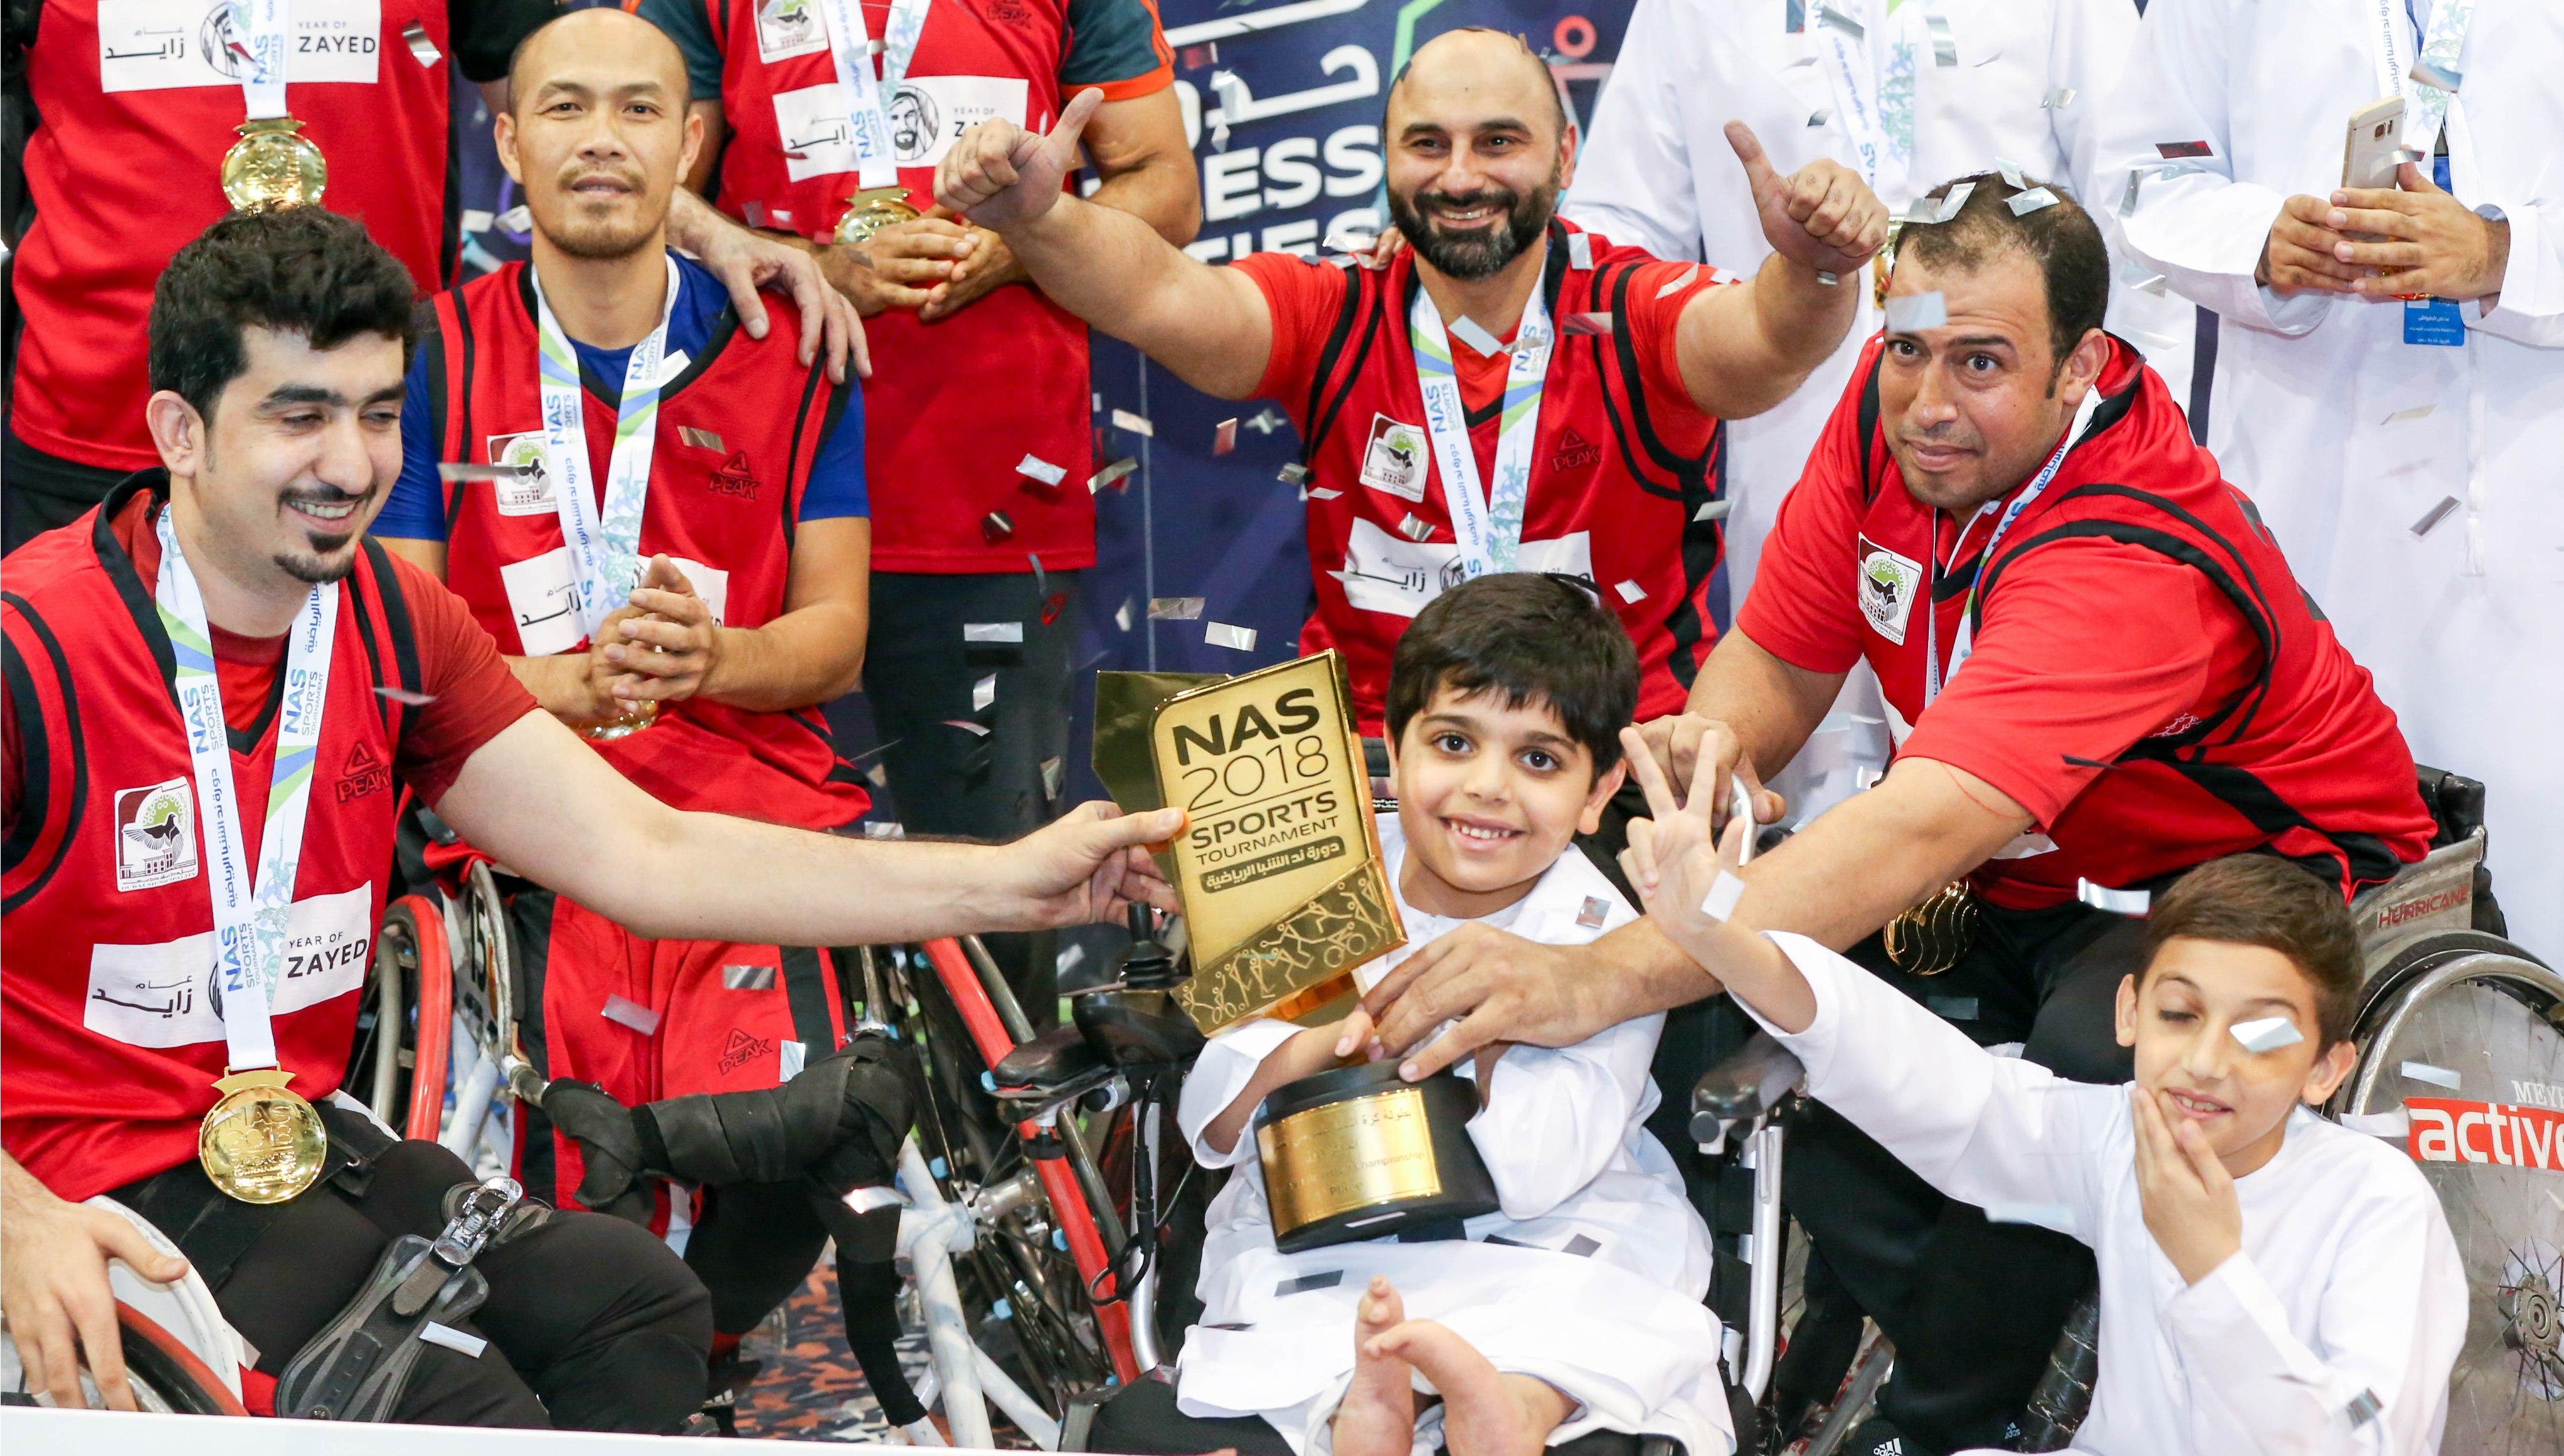 Dubai Municipality clinch NAS Wheelchair Basketball crown